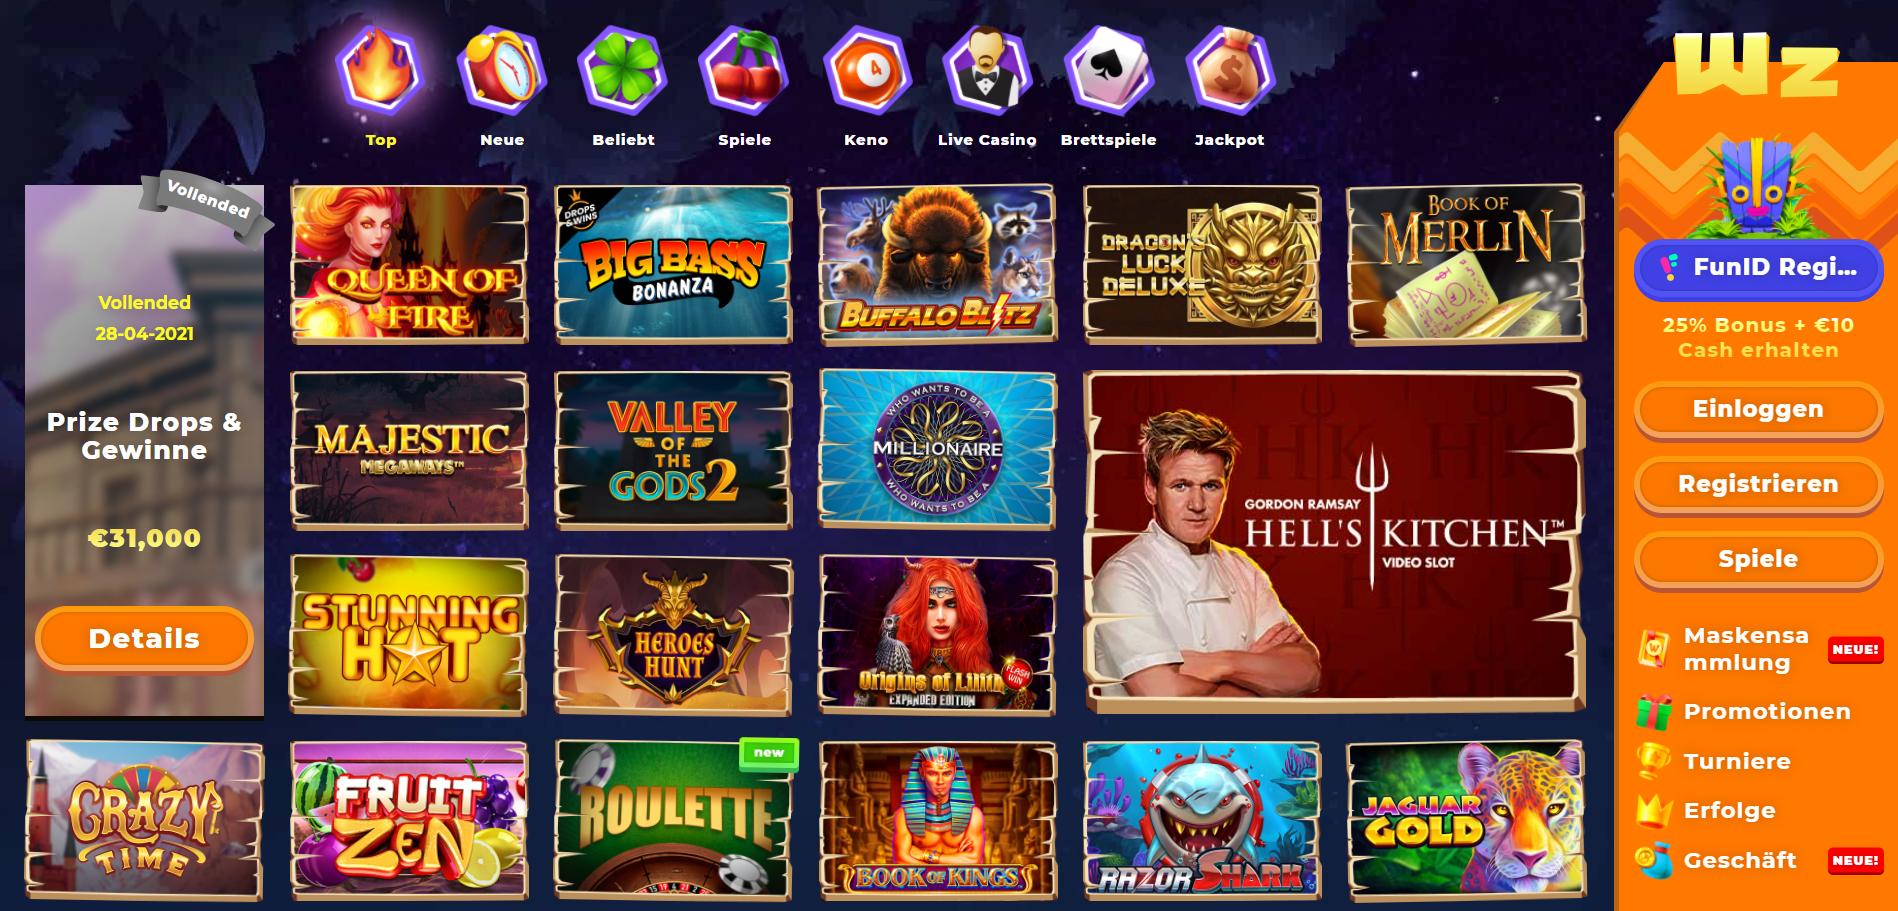 hells-kitchen-wazamba-online-spielothek-test-erfahrung-besten-2021-top-casinos-spielhalle